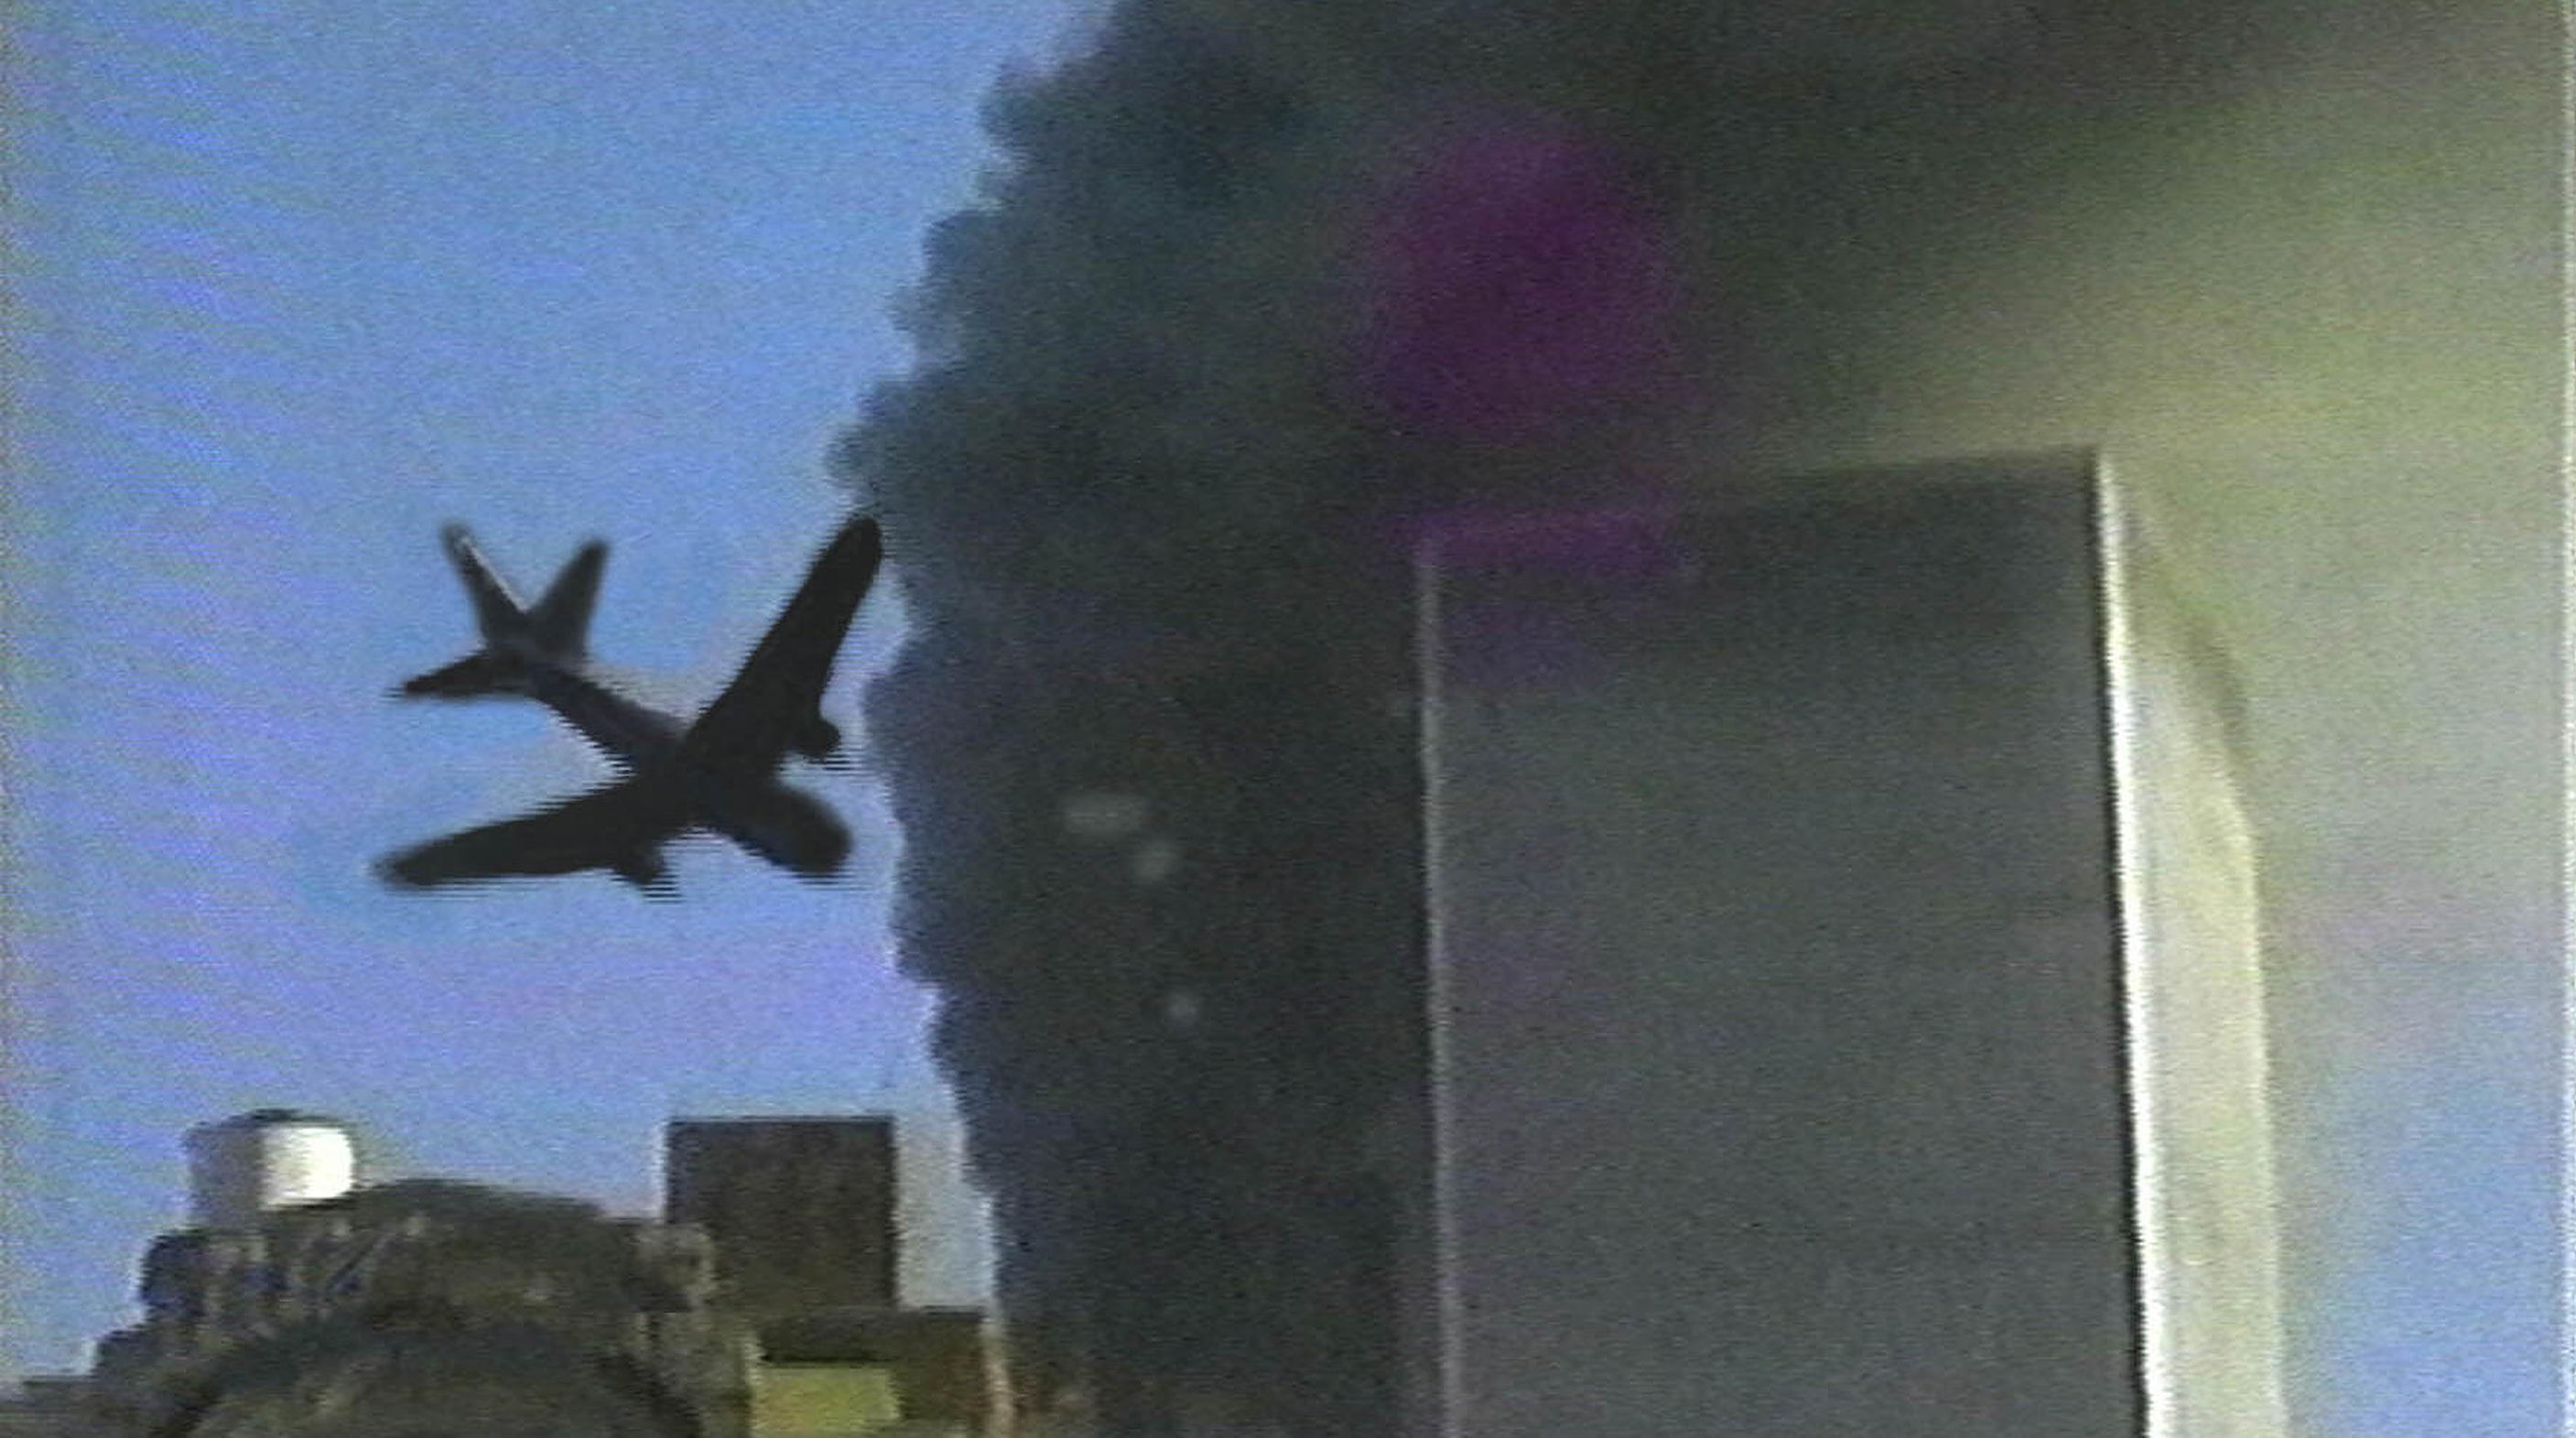 11 septembrie: Un document FBI declasificat indică implicarea Arabiei Saudite în atacurile teroriste